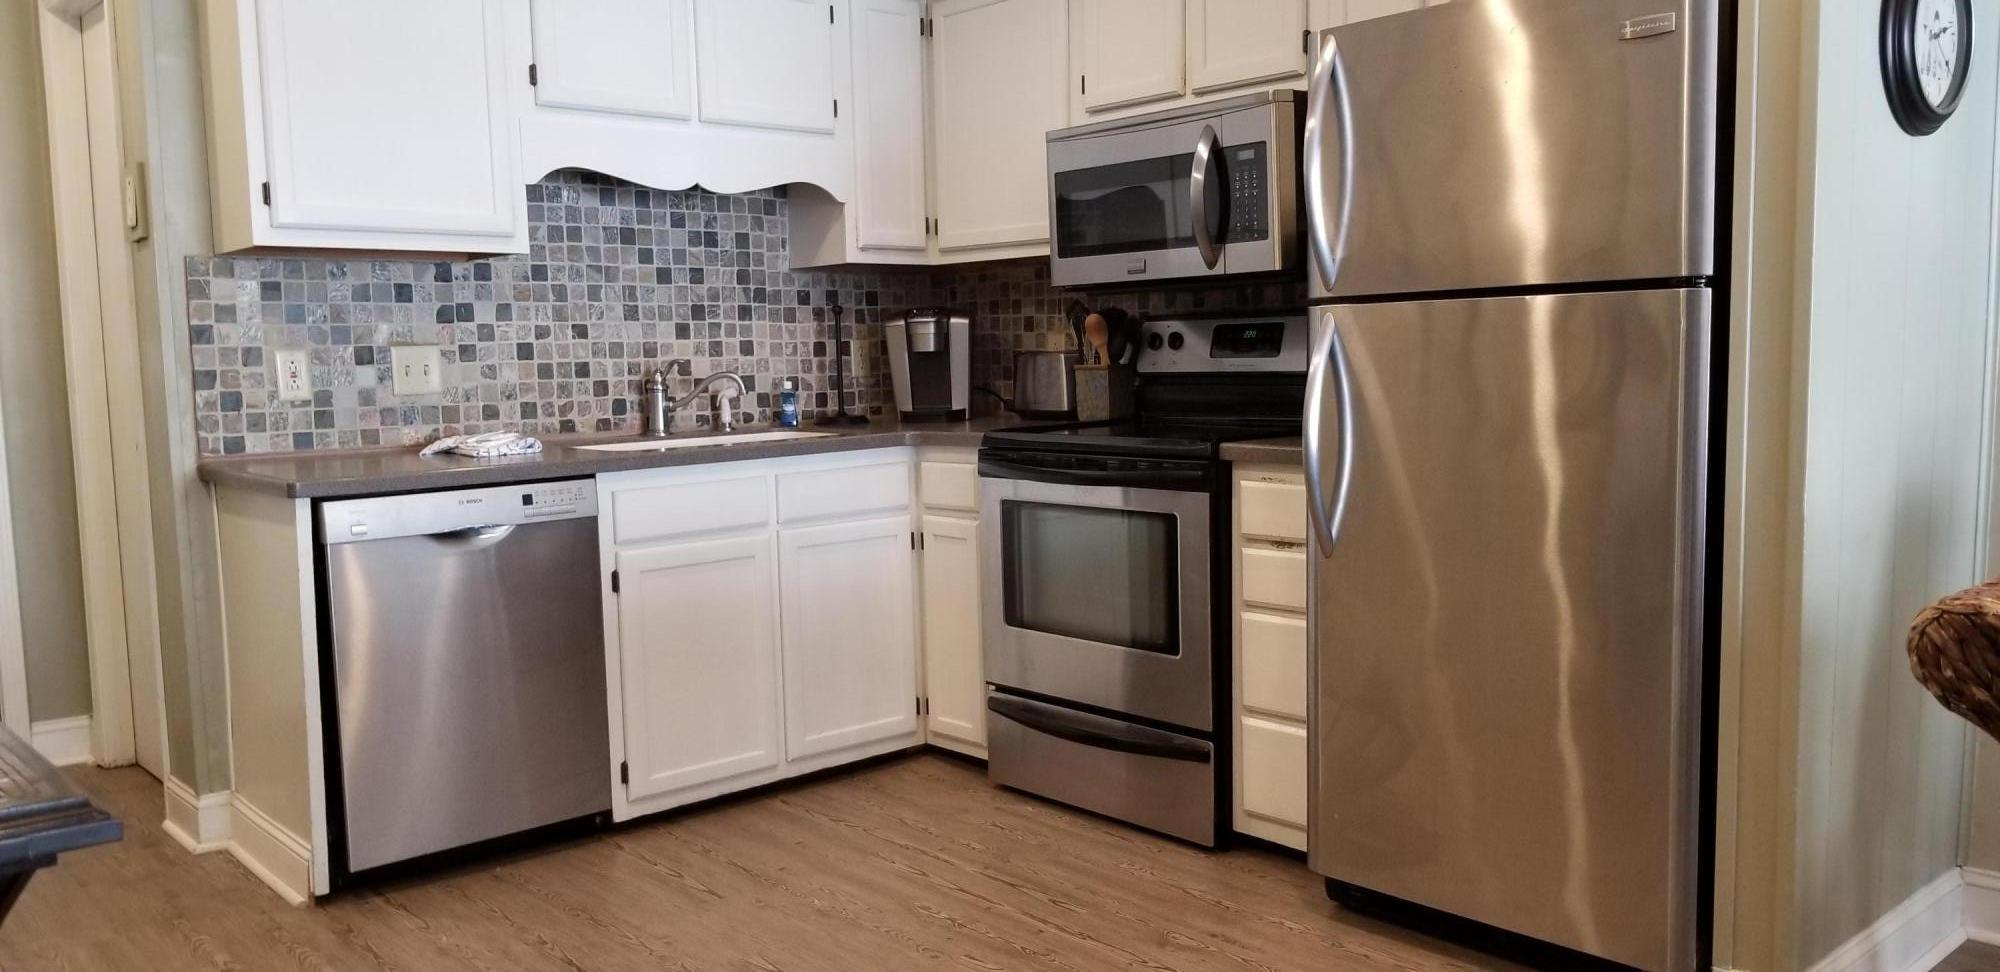 Ask Frank Real Estate Services - MLS Number: 18025862